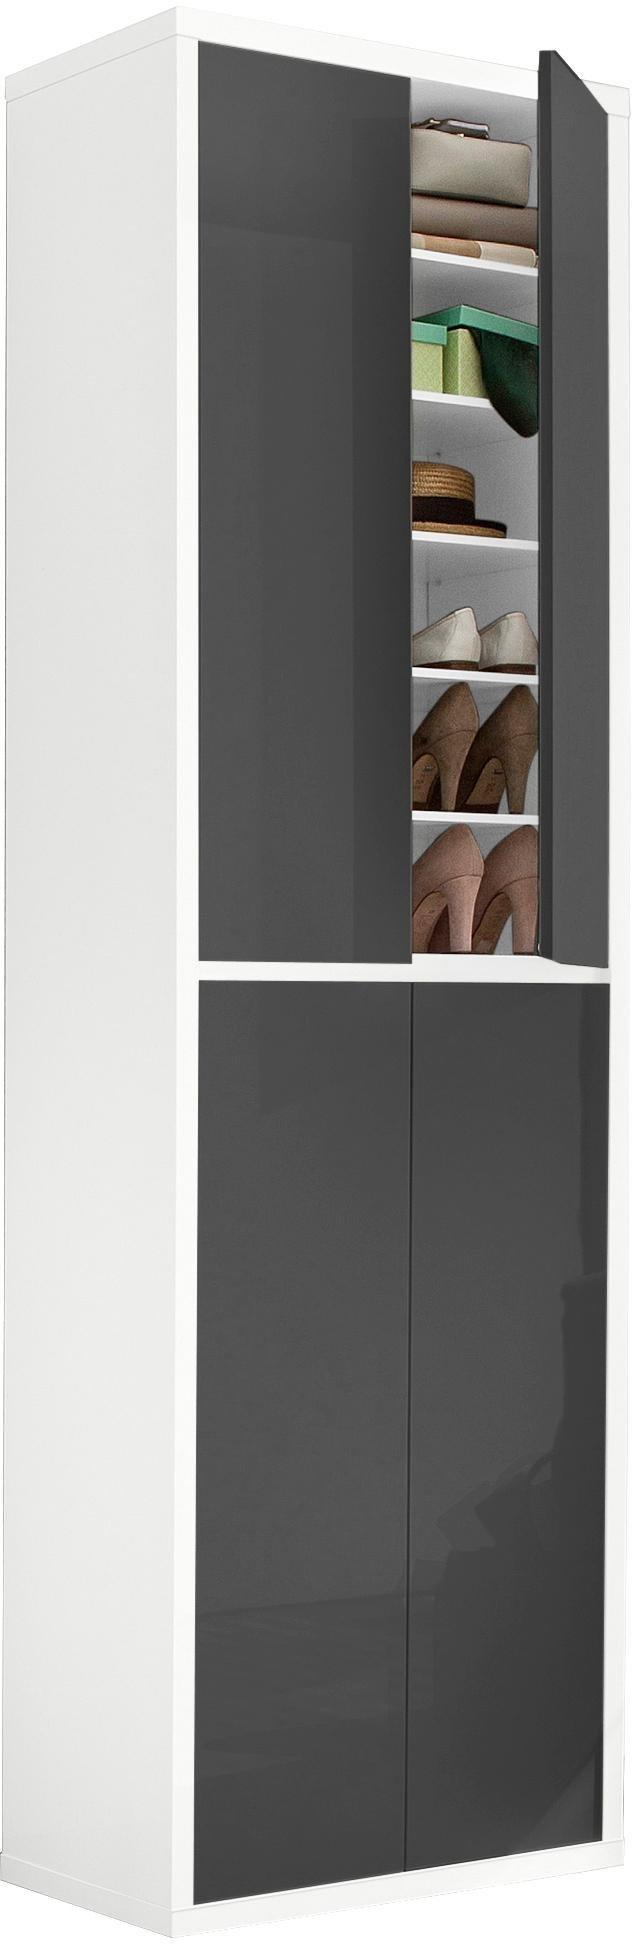 HMW Schuhschrank »Spazio«, Breite 70 cm, mit griffloser Optik | Flur & Diele > Schuhschränke und Kommoden > Schuhschränke | Weiß - Anthrazit | Melamin | HMW